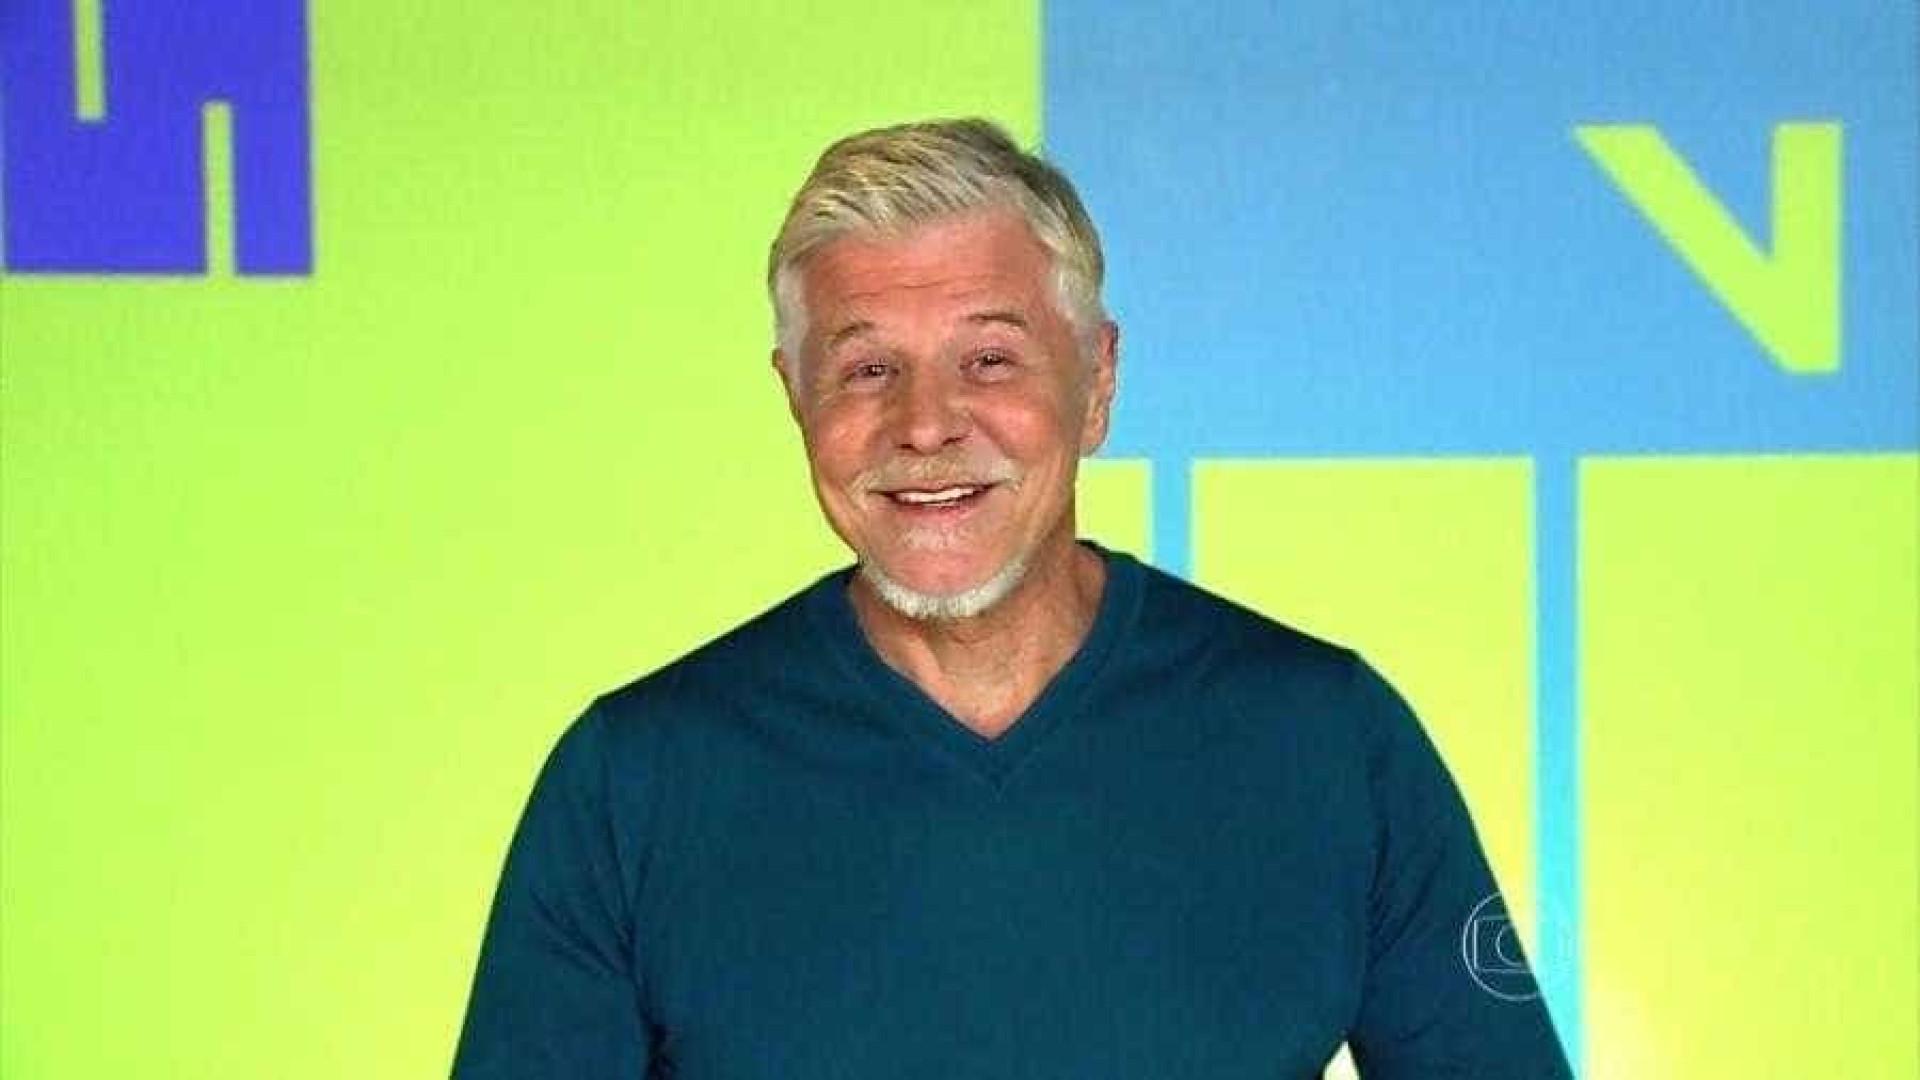 Programa 'Vídeo Show' ainda está nos planos da Globo